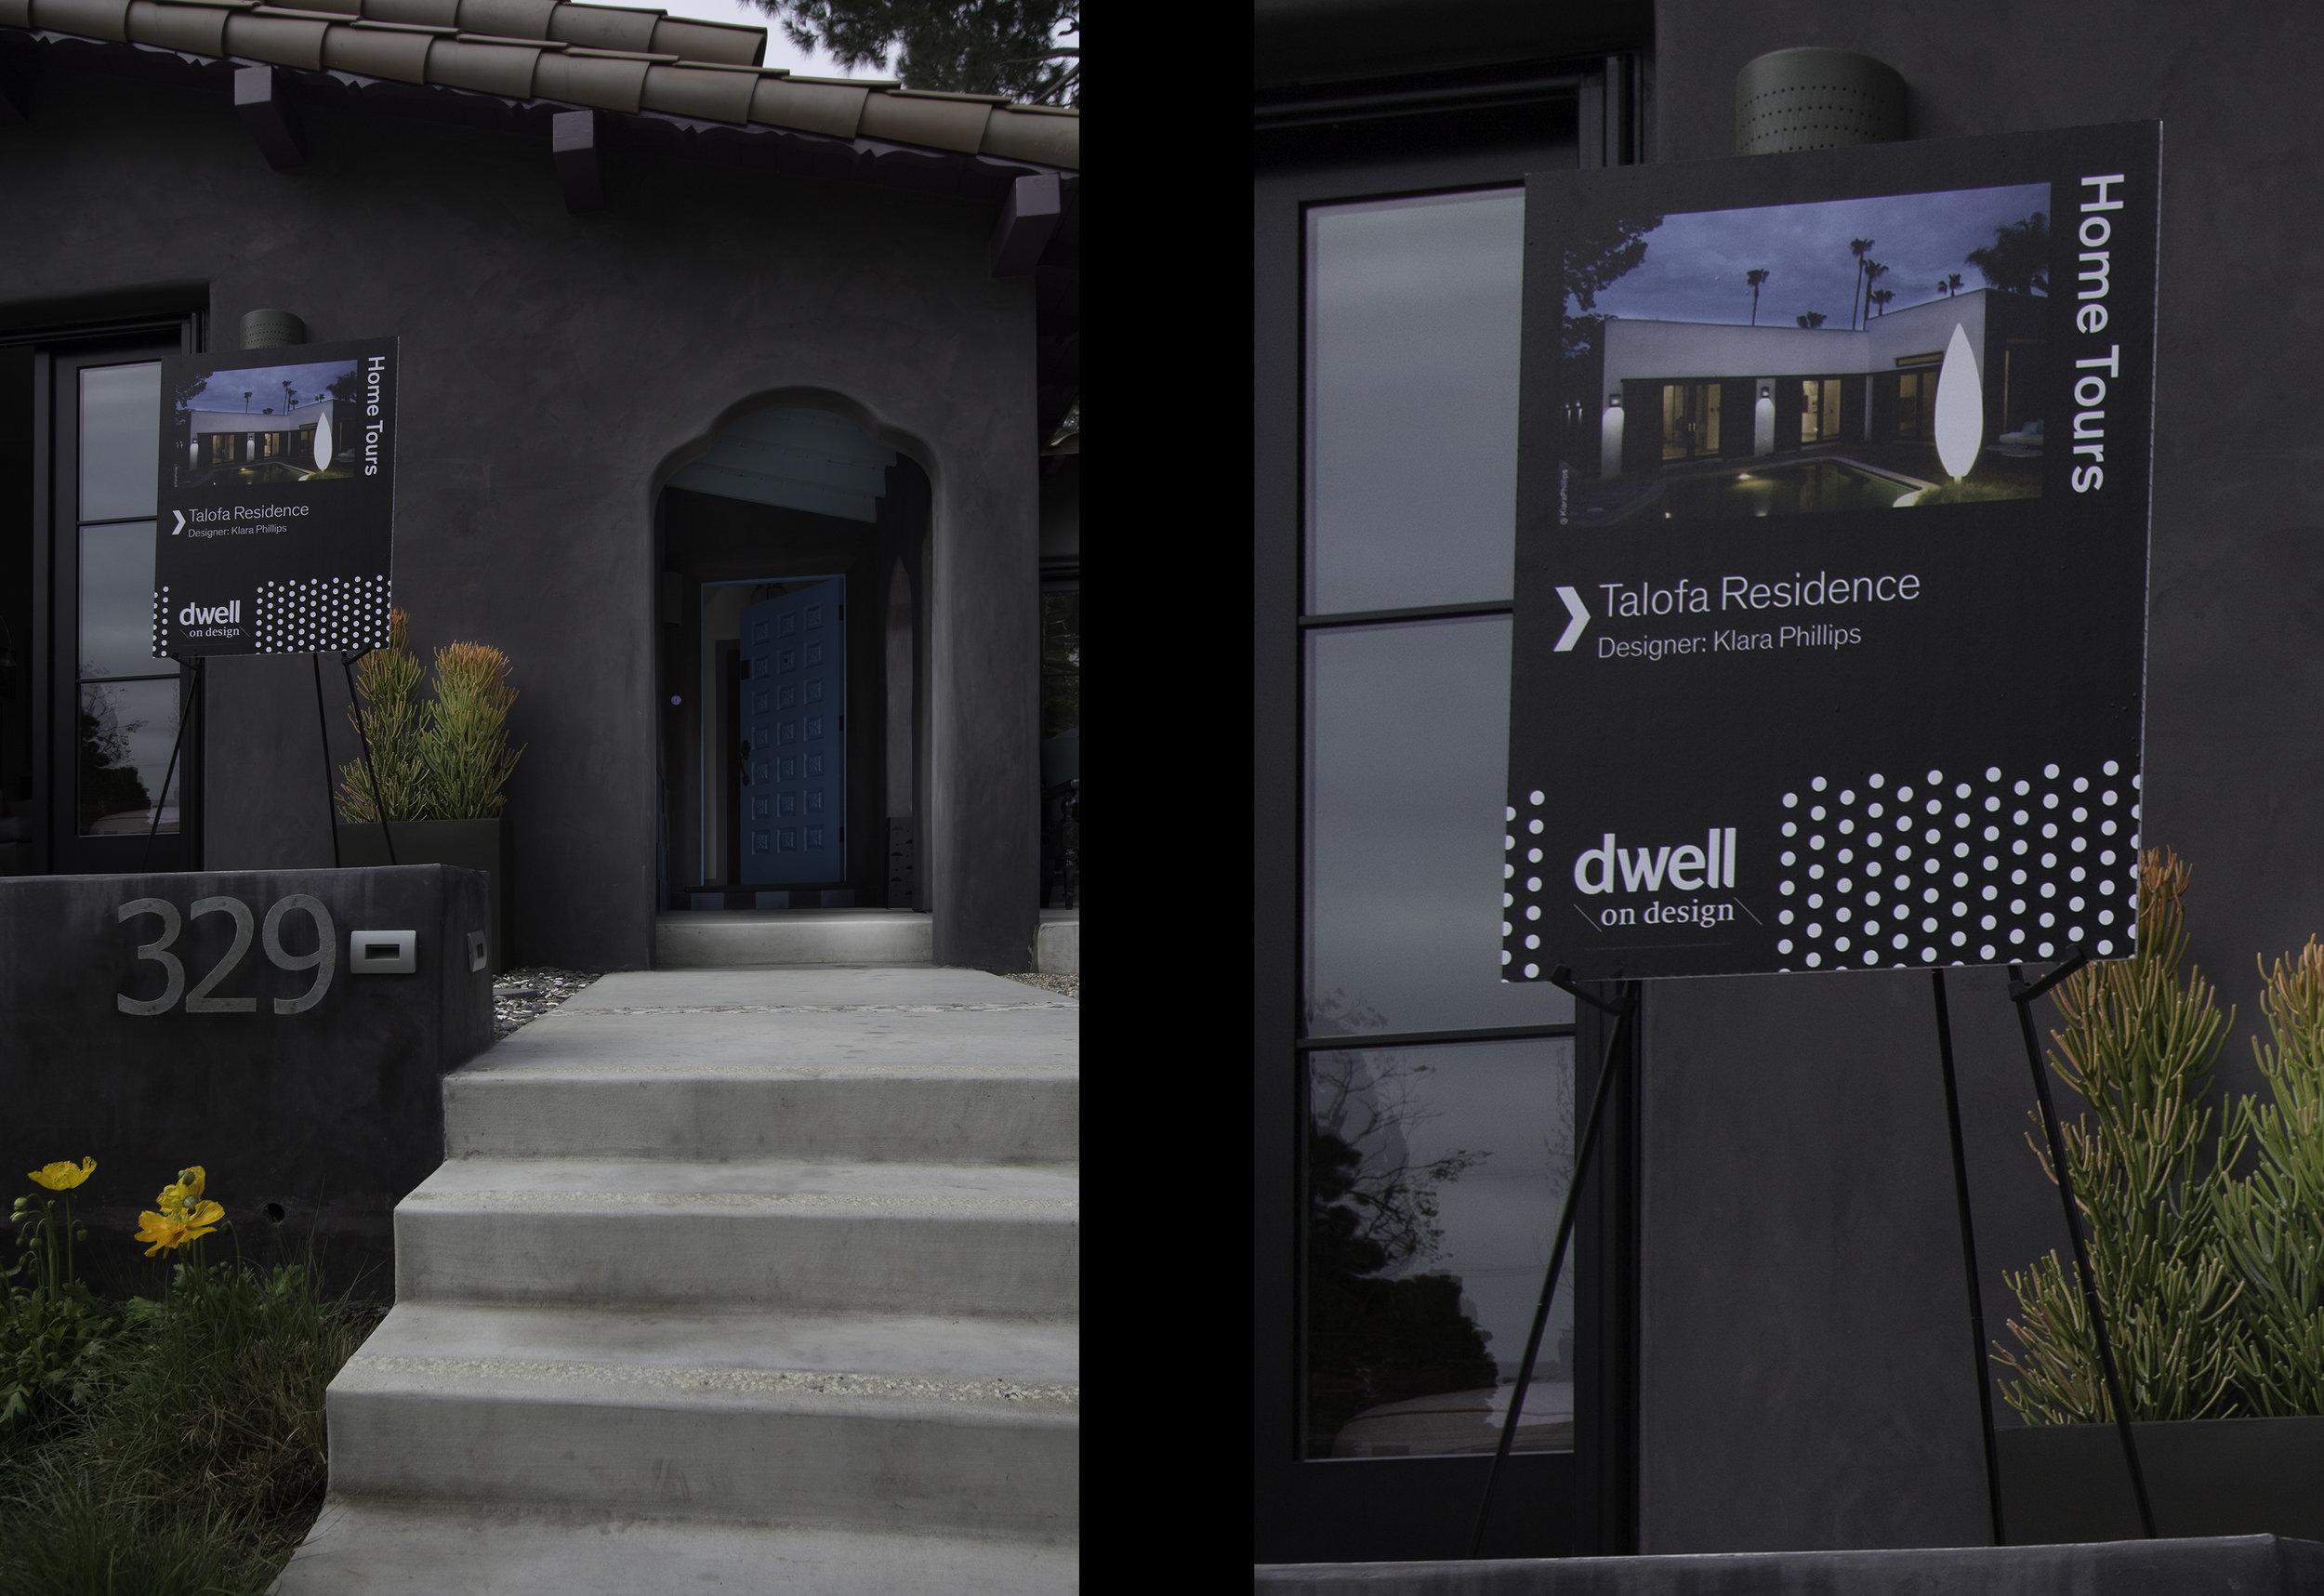 dwell entry sign.jpg